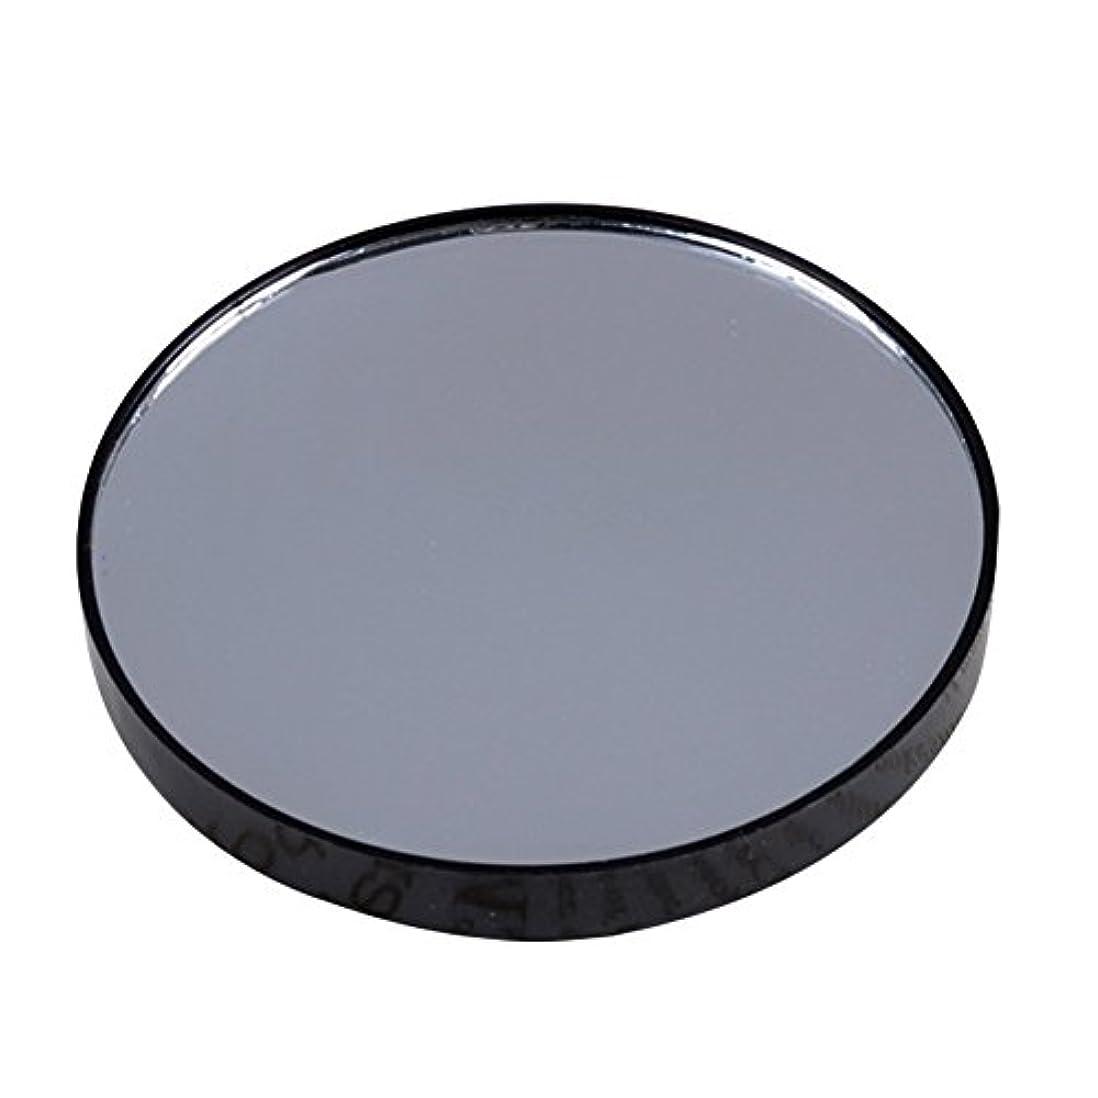 シャトルこんにちはローマ人YideaHome メイクアップミラー 化粧鏡 拡大鏡 5倍 10倍 15倍 強力吸盤付き メイクミラー 化粧ミラー (10倍)